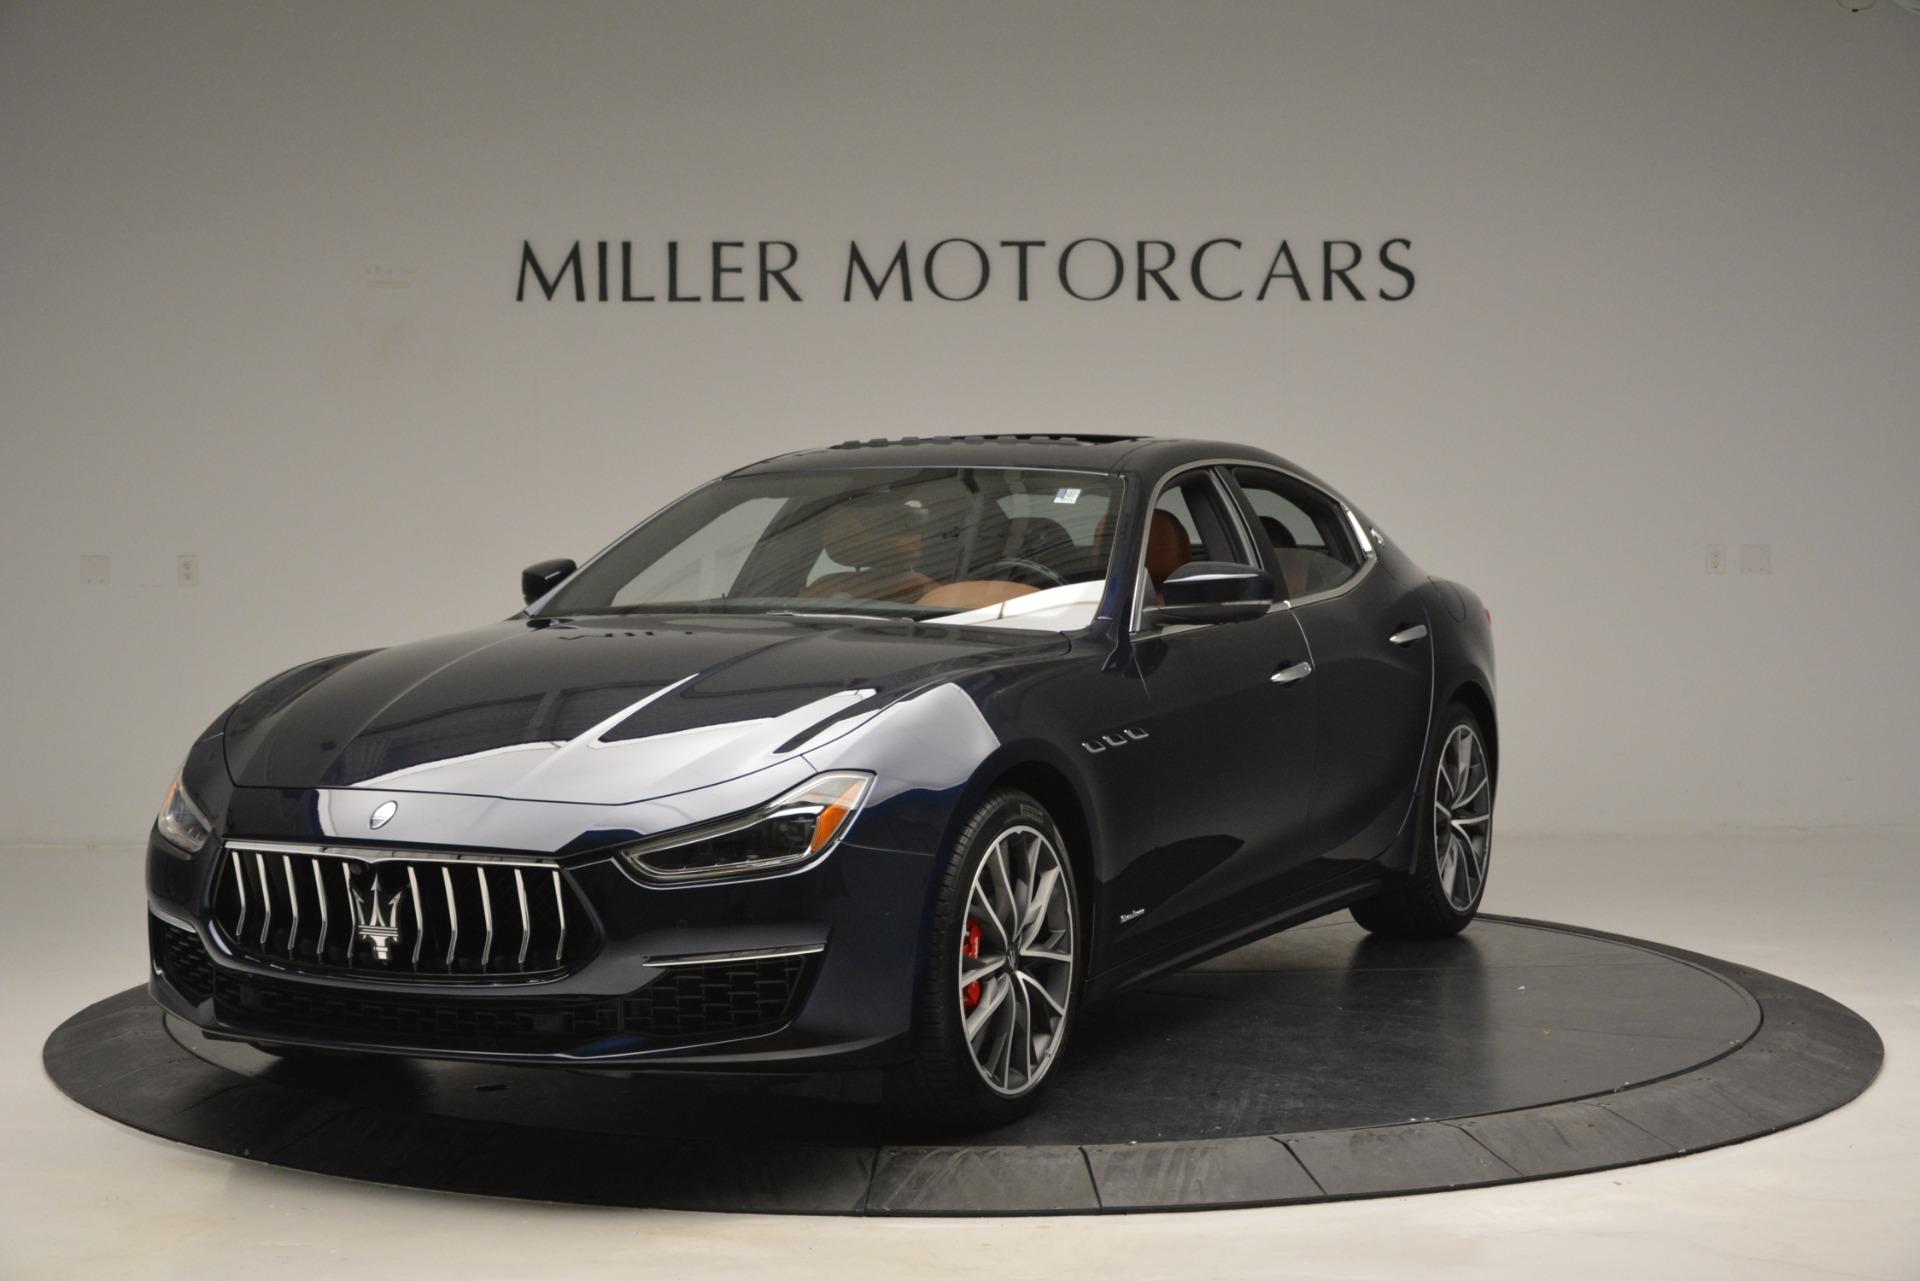 New 2019 Maserati Ghibli S Q4 GranLusso For Sale In Greenwich, CT 2882_main